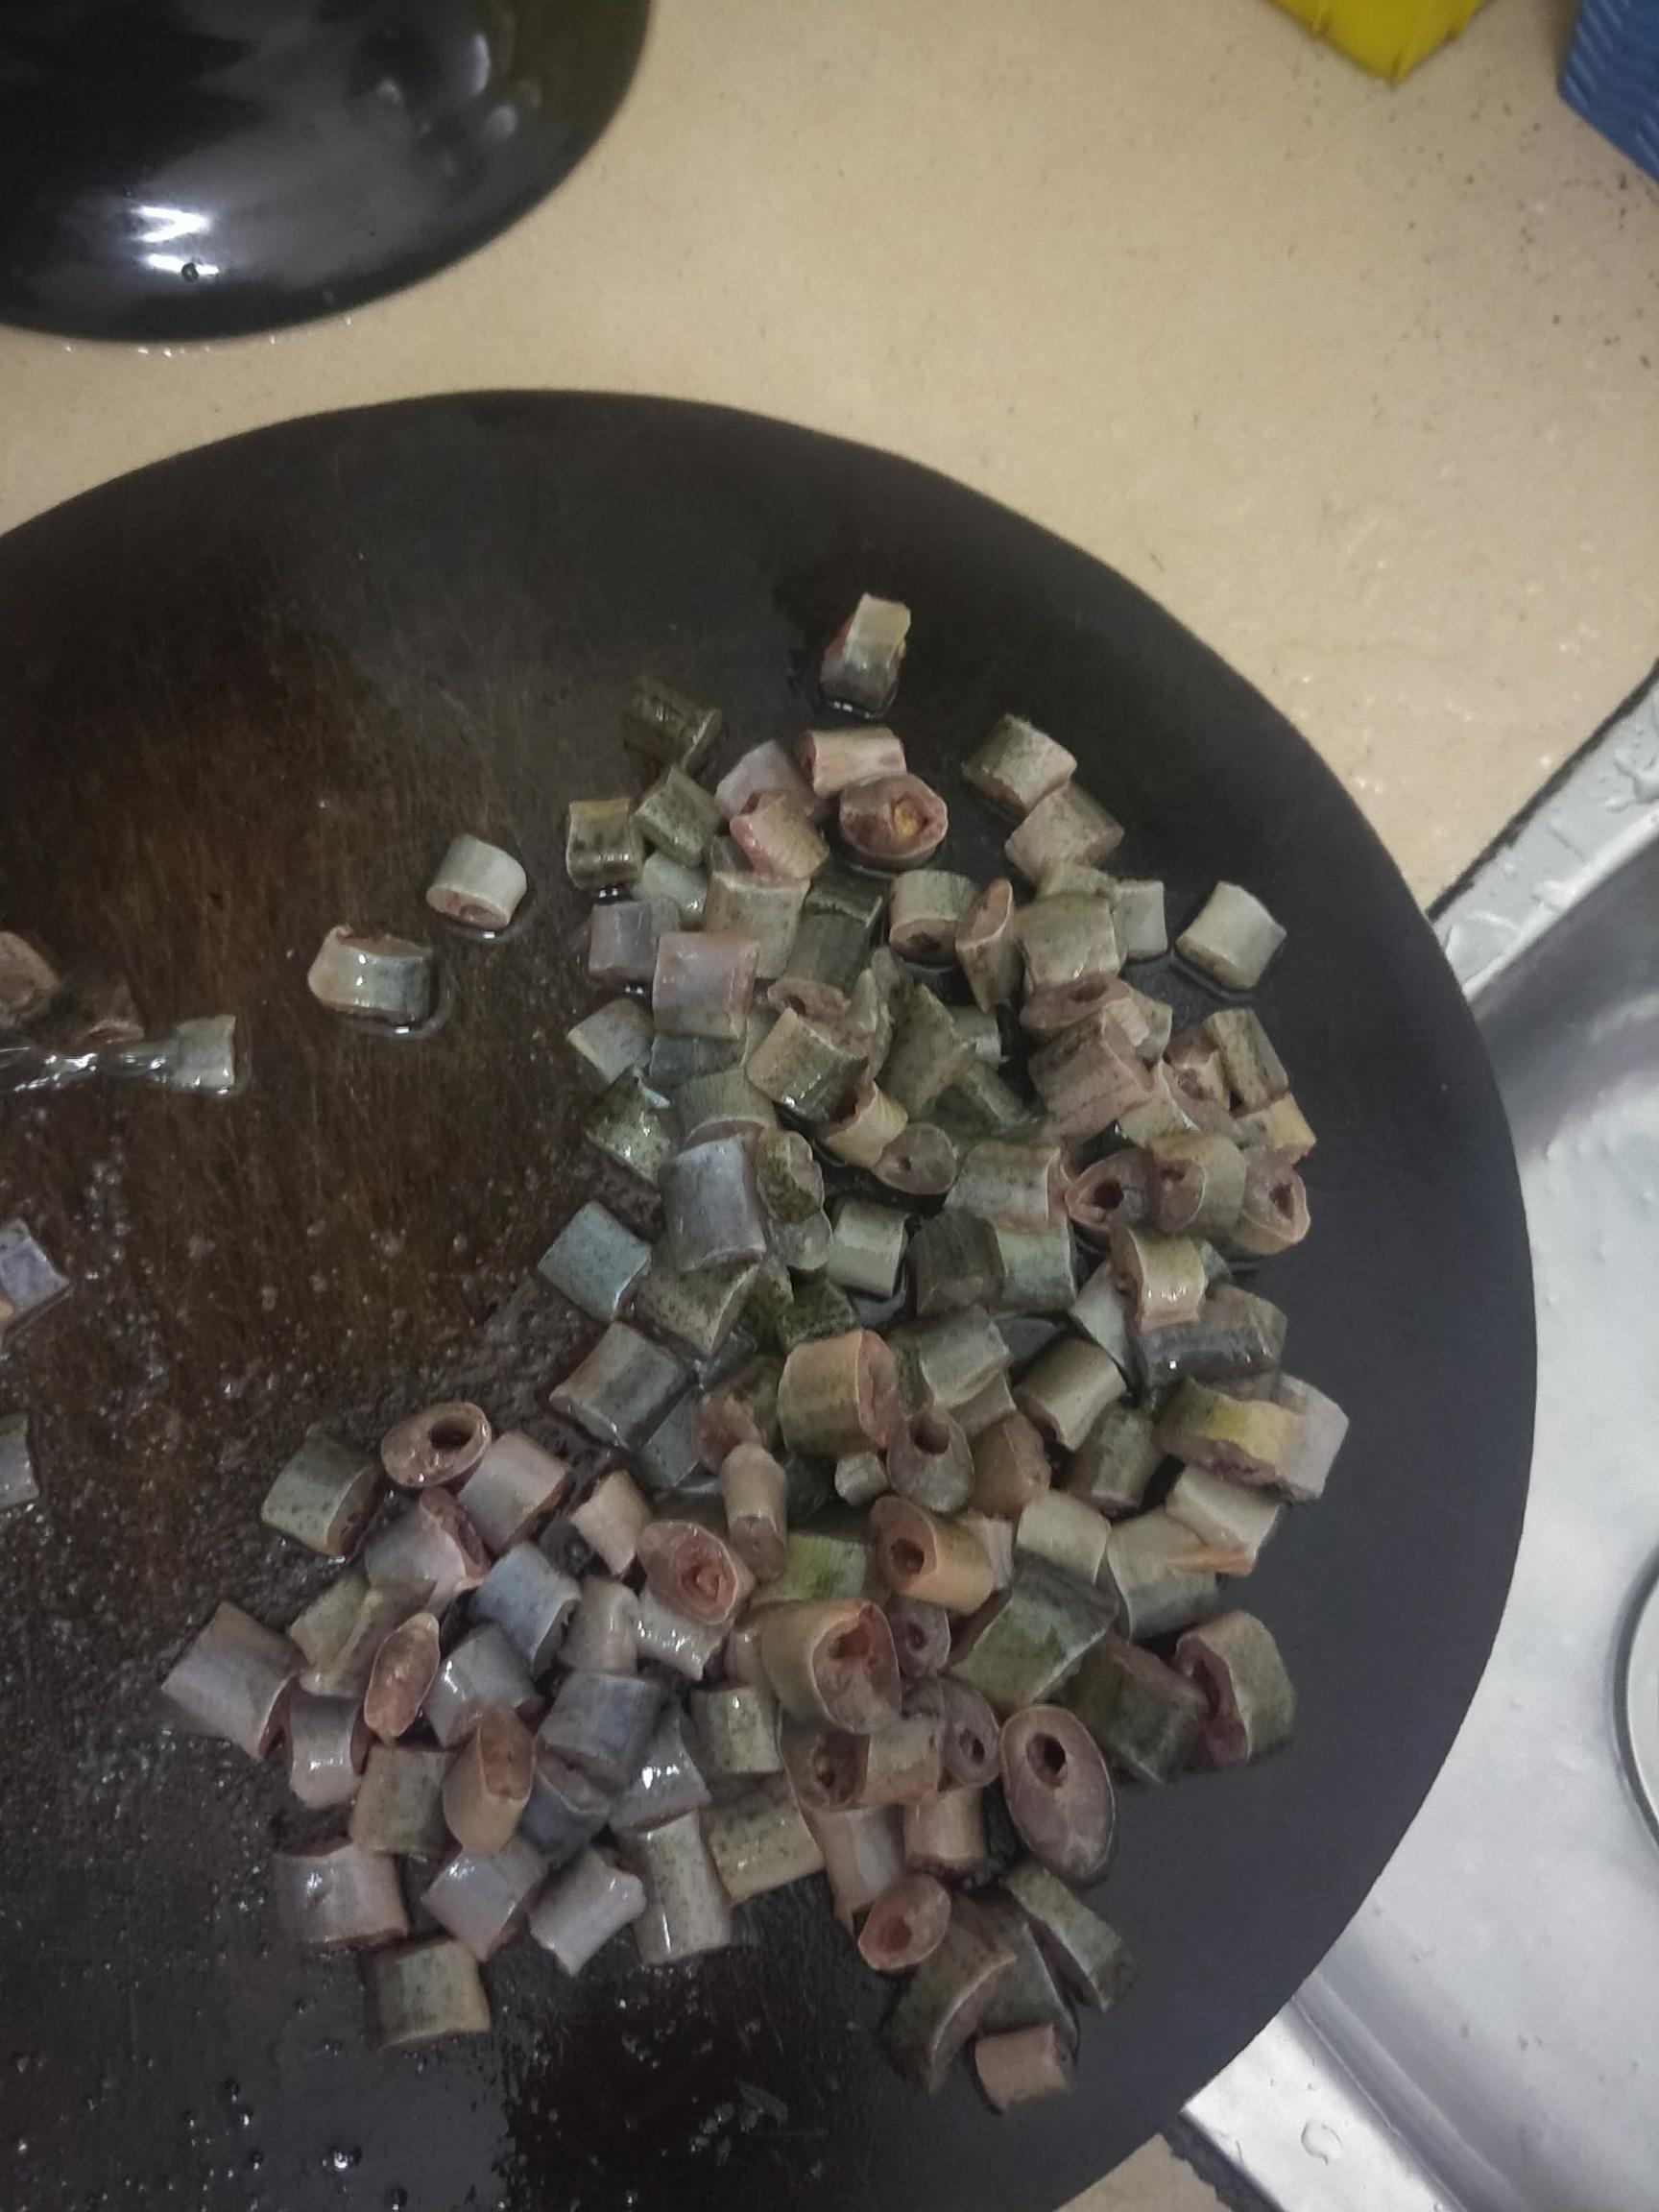 泥鳅处理方法 绵阳水族批发市场 绵阳水族批发市场第7张